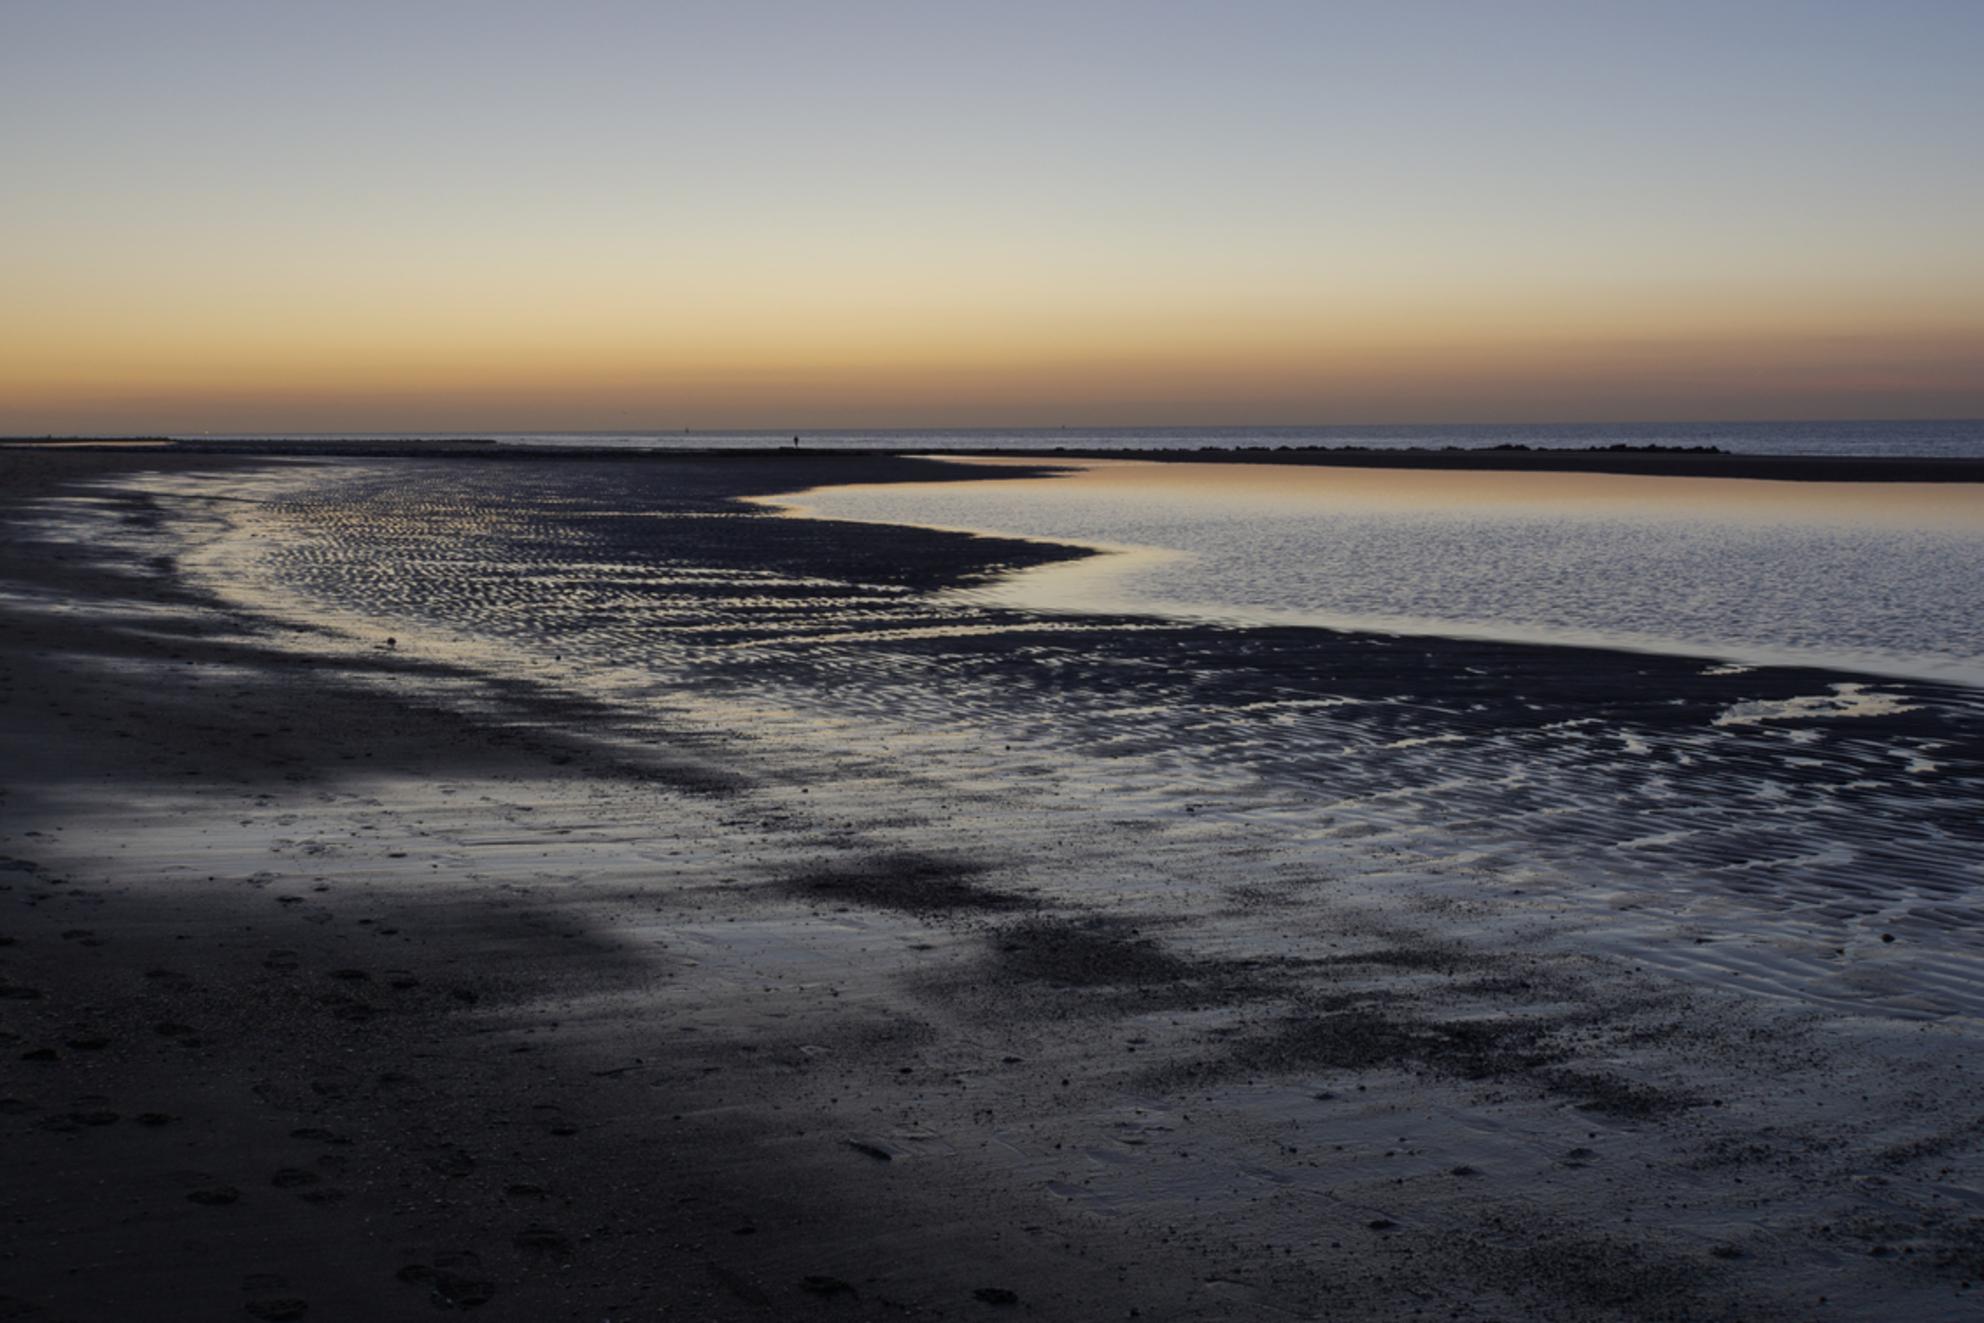 rust - daar wordt je rustig van - foto door gledder400 op 28-02-2021 - deze foto bevat: zon, strand, zee, water, avond, zonsondergang, landschap, zand, lange sluitertijd - Deze foto mag gebruikt worden in een Zoom.nl publicatie